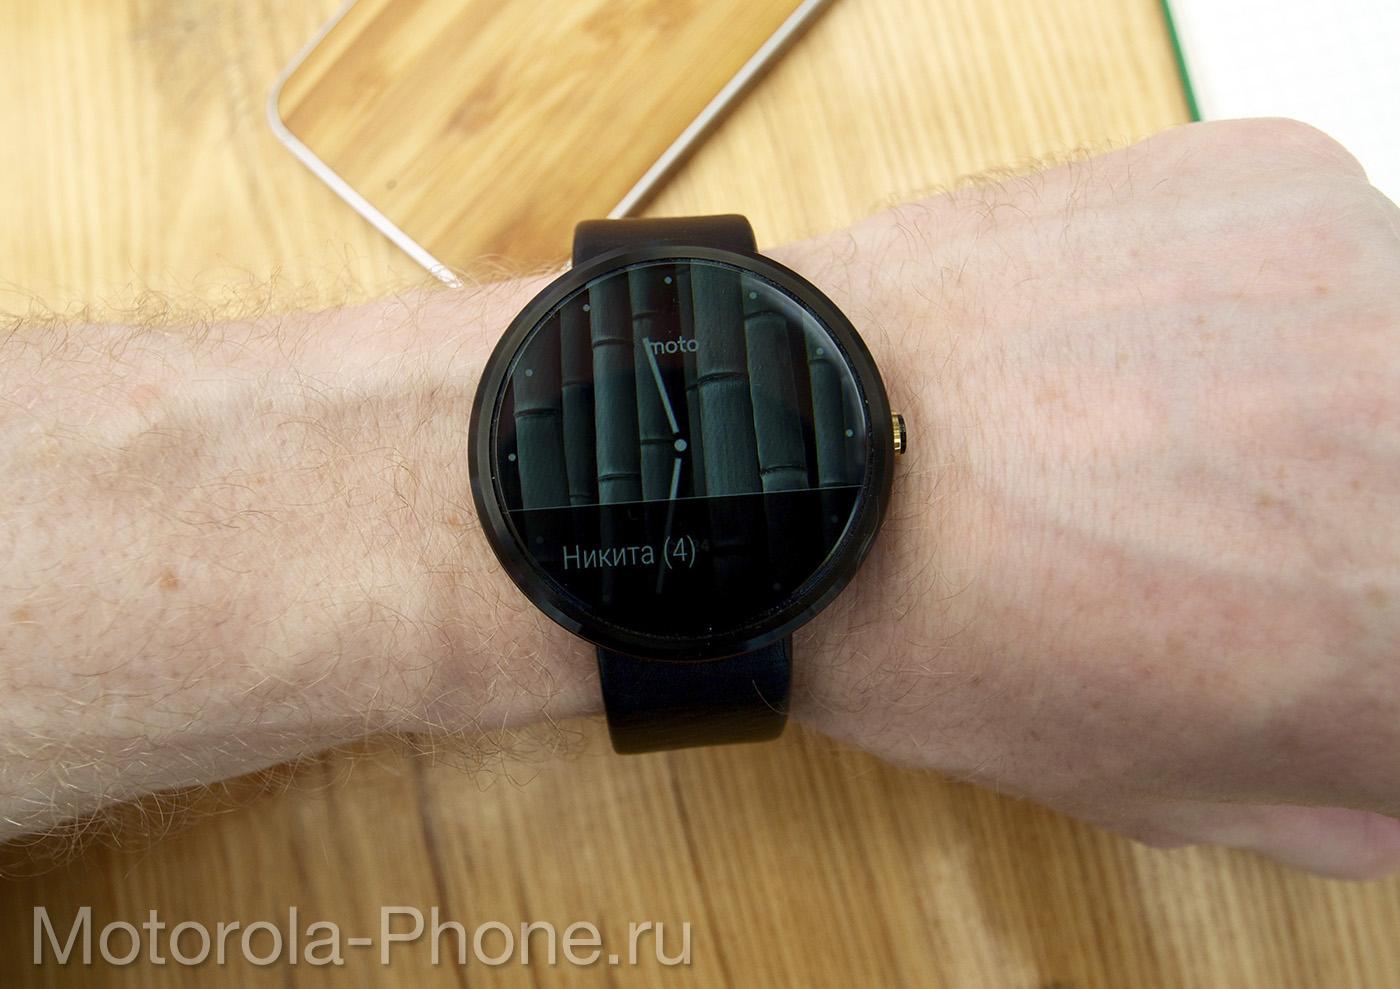 Motorola-Moto-360-Android-Wear-5-1-42 copy